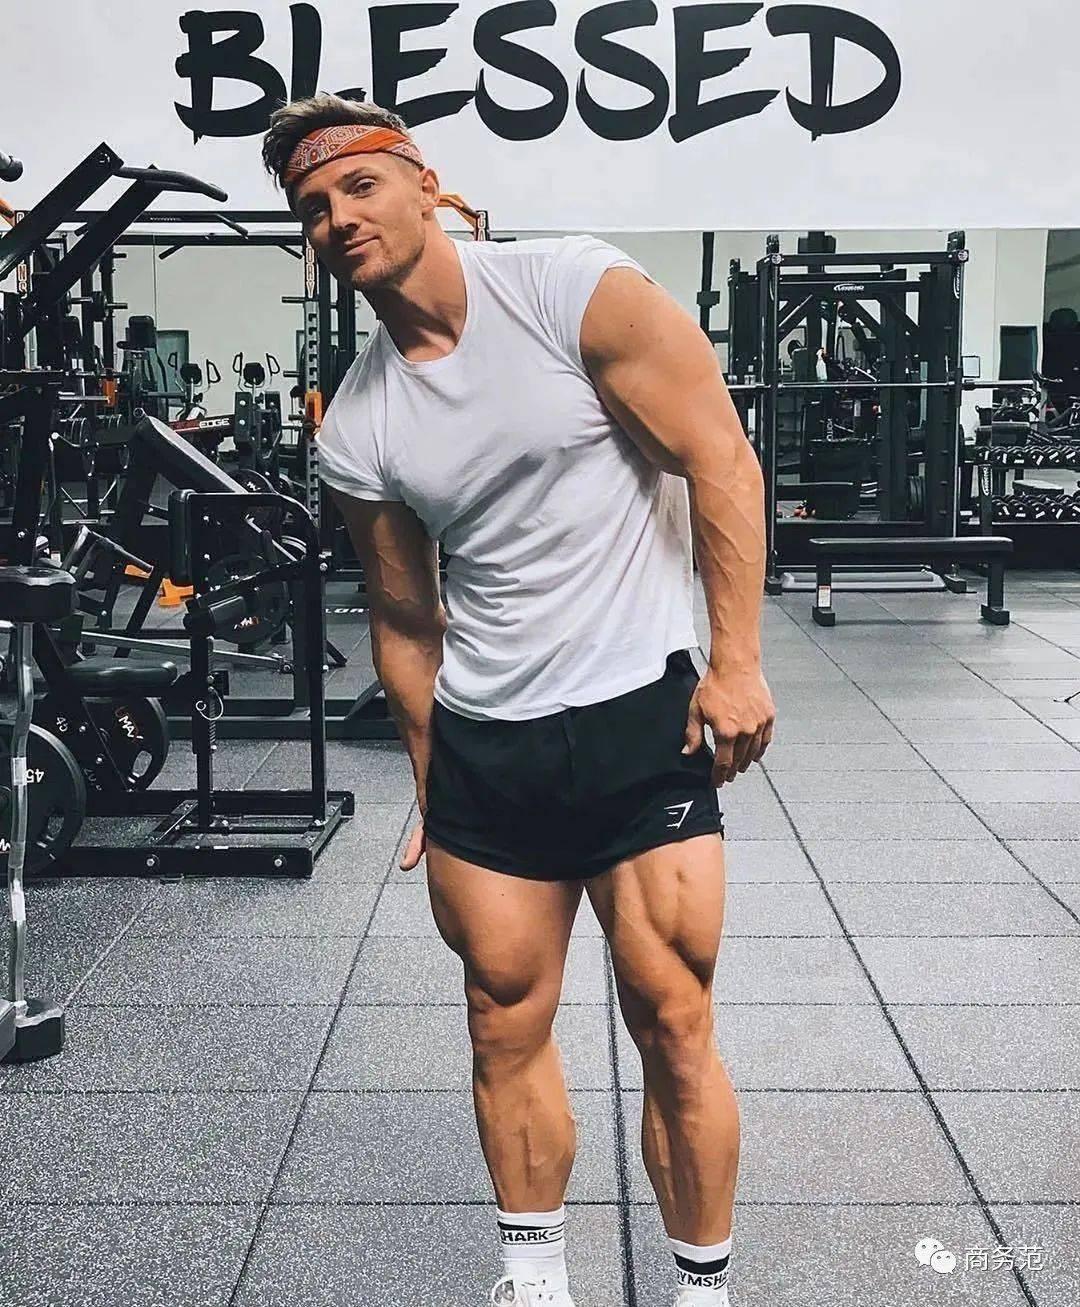 5个型男必备的健身衣品牌,夏天肌肉练起来 动作教学 第34张